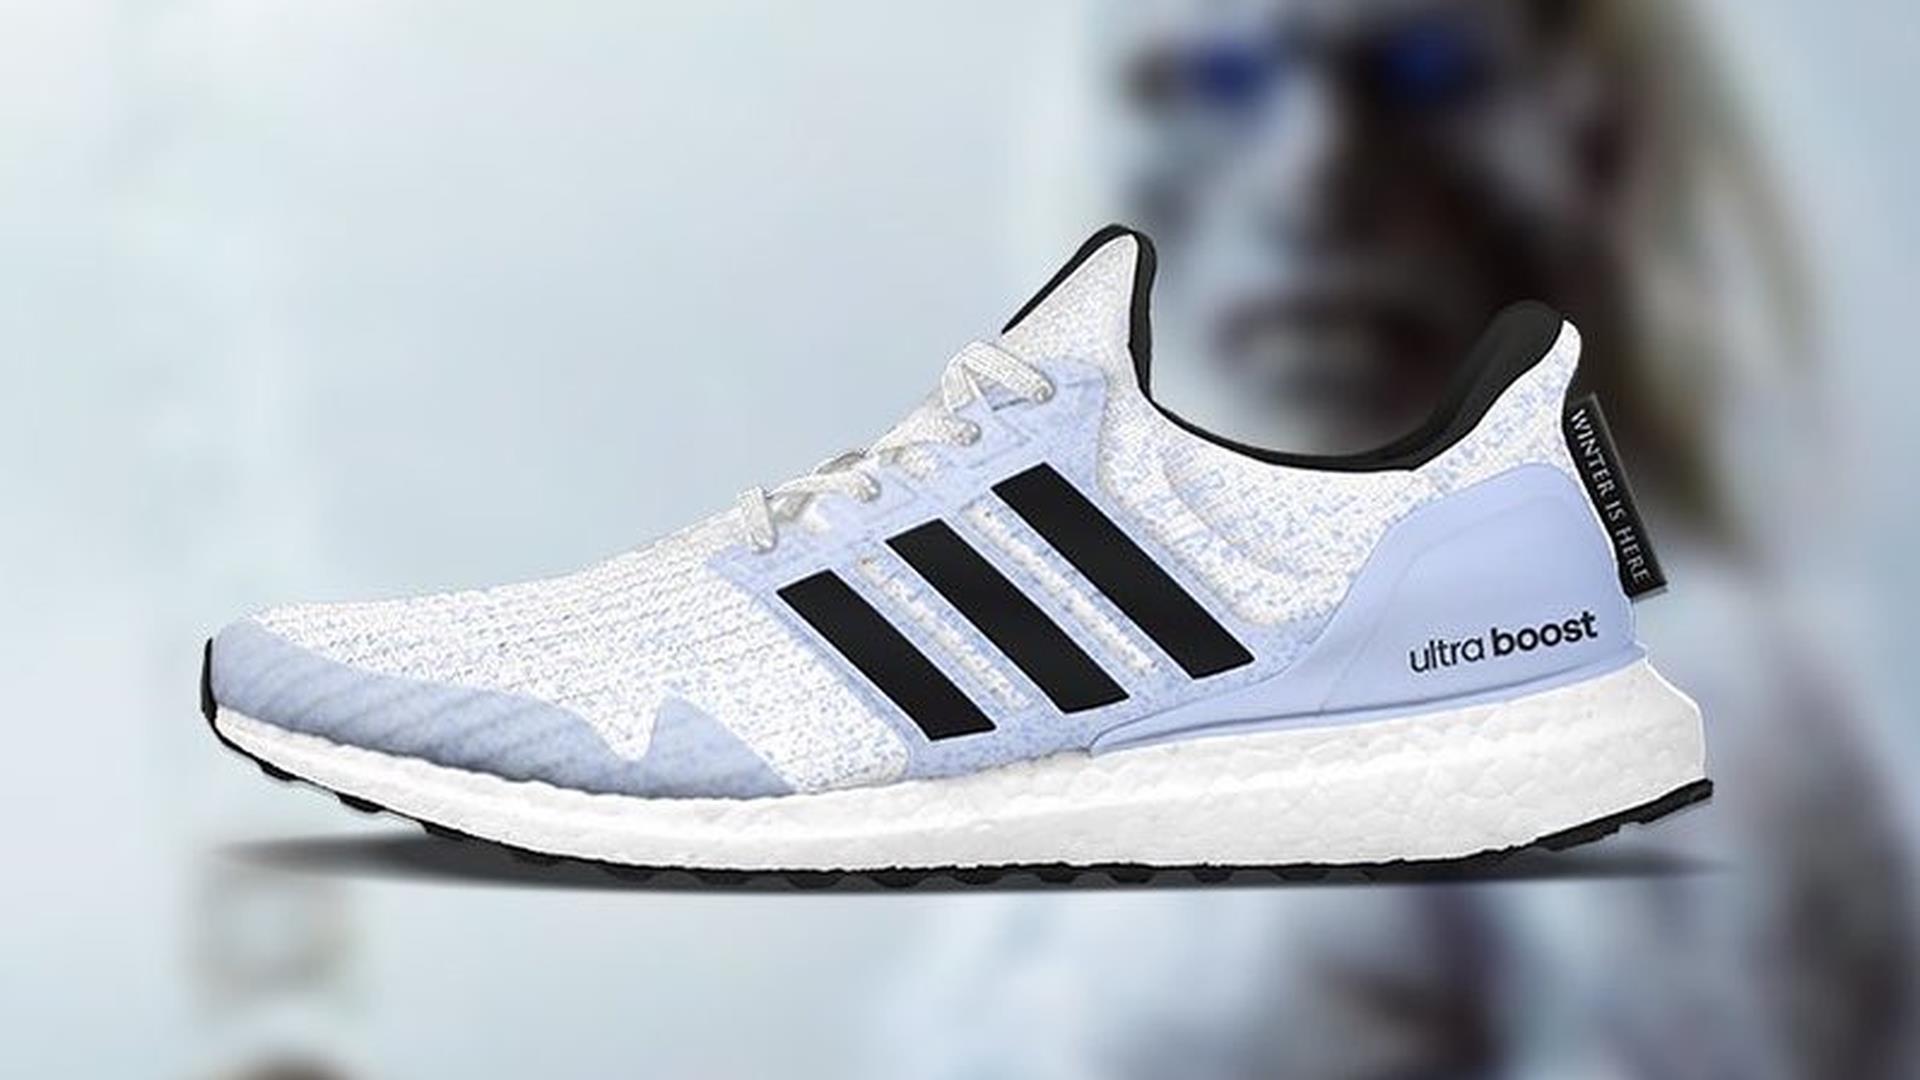 Adidas omaggia il Trono di Spade e crea una scarpa ispirata